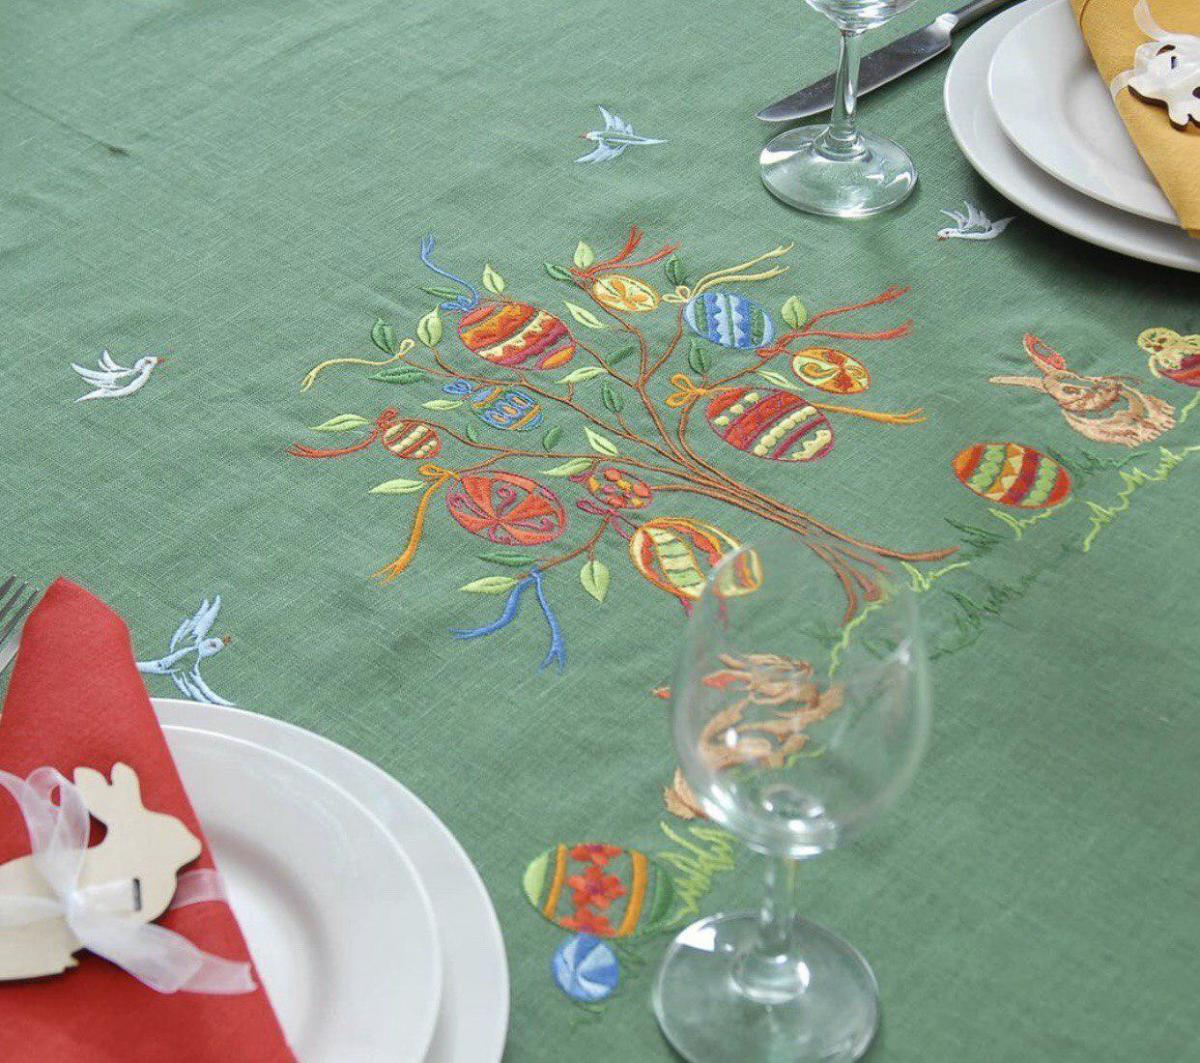 Лляна скатертина на  стіл 240*140 см, Великдень . Фото №3.   Народний дім Україна